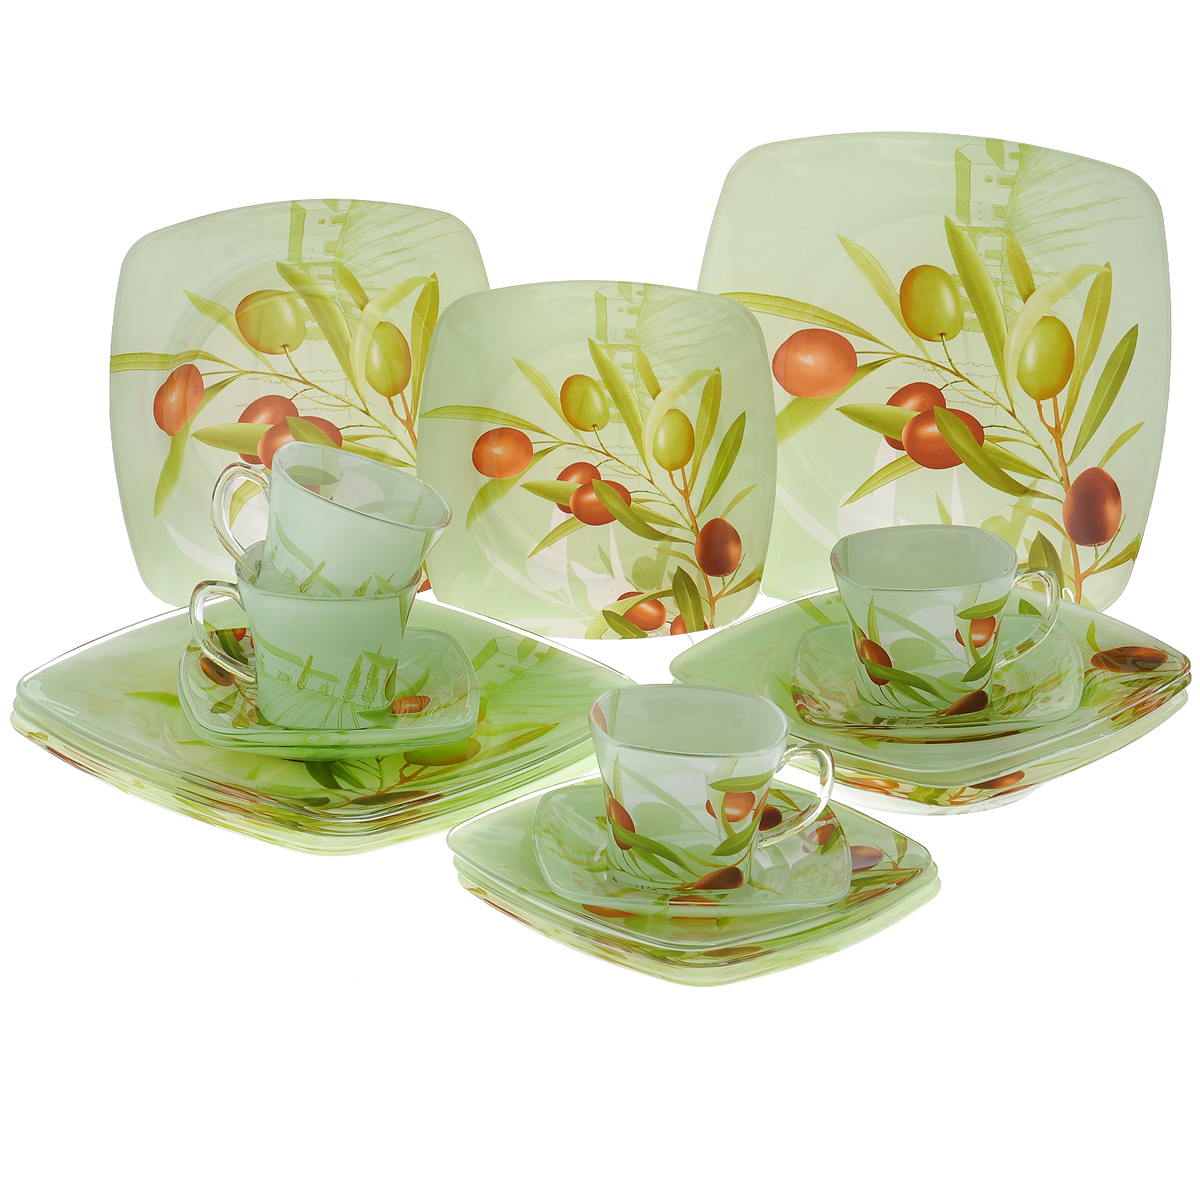 Набор посуды Оливки, 20 предметов10151-20Набор посуды состоит из 4 чашек, 4 блюдец, 4 тарелок для супа, 4 обеденных тарелок, 4 десертных тарелок. Изделия выполнены из высококачественного стекла и оформлены изображением веток с оливками. Этот набор эффектно украсит стол к обеду, а также прекрасно подойдет для торжественных случаев. Красочность оформления придется по вкусу и ценителям классики, и тем, кто предпочитает утонченность и изящность.Размер чашки по верхнему краю: 8 см х 8 см.Высота чашки: 6,5 см.Объем чашки: 200 мл.Размер блюдца: 13 см х 13 см.Размер десертной тарелки: 17 см х 17 см.Размер суповой тарелки: 19,5 см х 19,5 см.Размер обеденной тарелки: 23,5 см х 23,5 см.